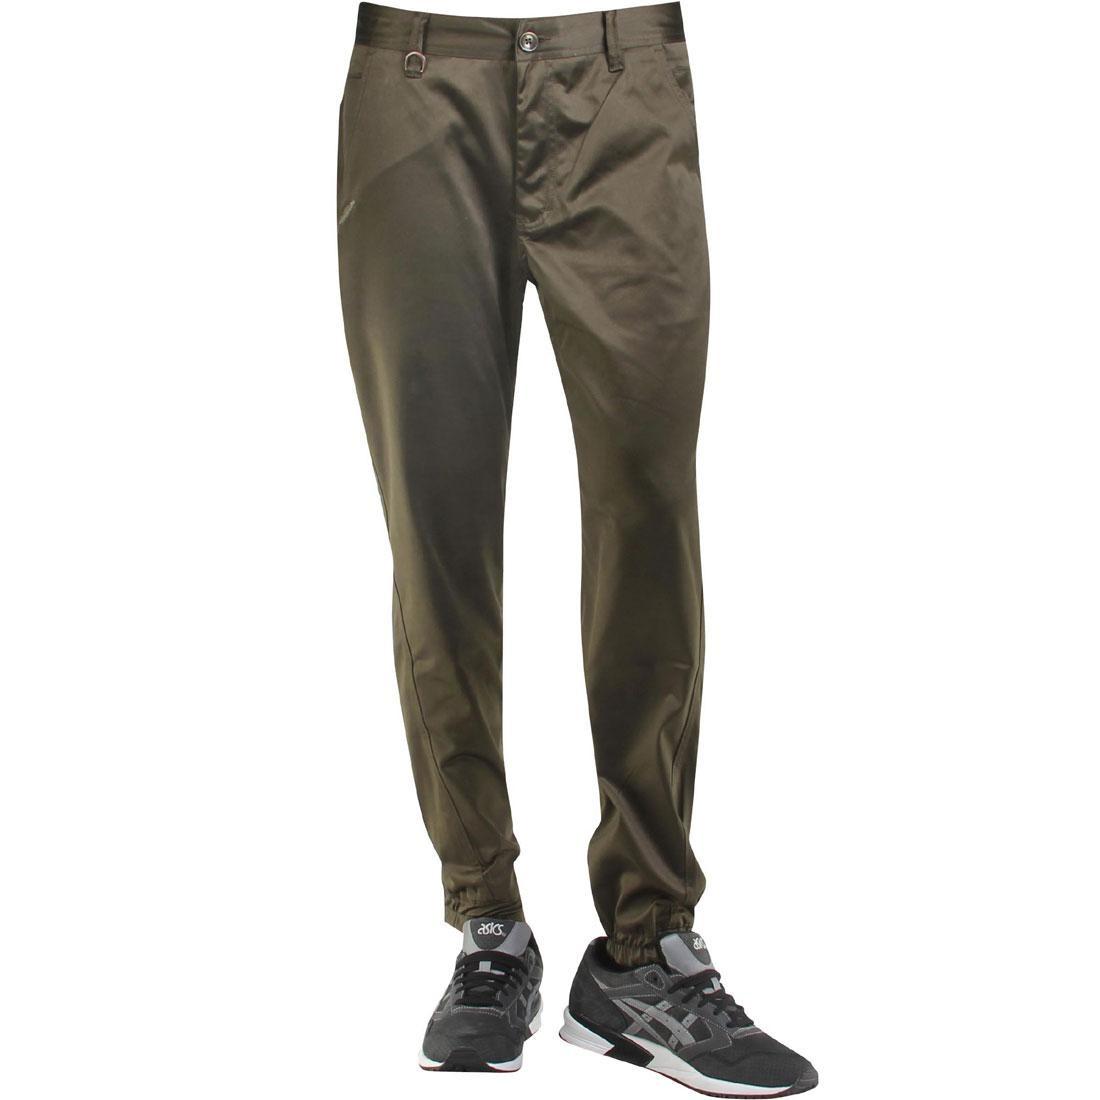 パブリッシュ サテン ジョガーパンツ オリーブ 【 OLIVE PUBLISH LANDIS SATIN TWILL JOGGER PANTS 】 メンズファッション ズボン パンツ